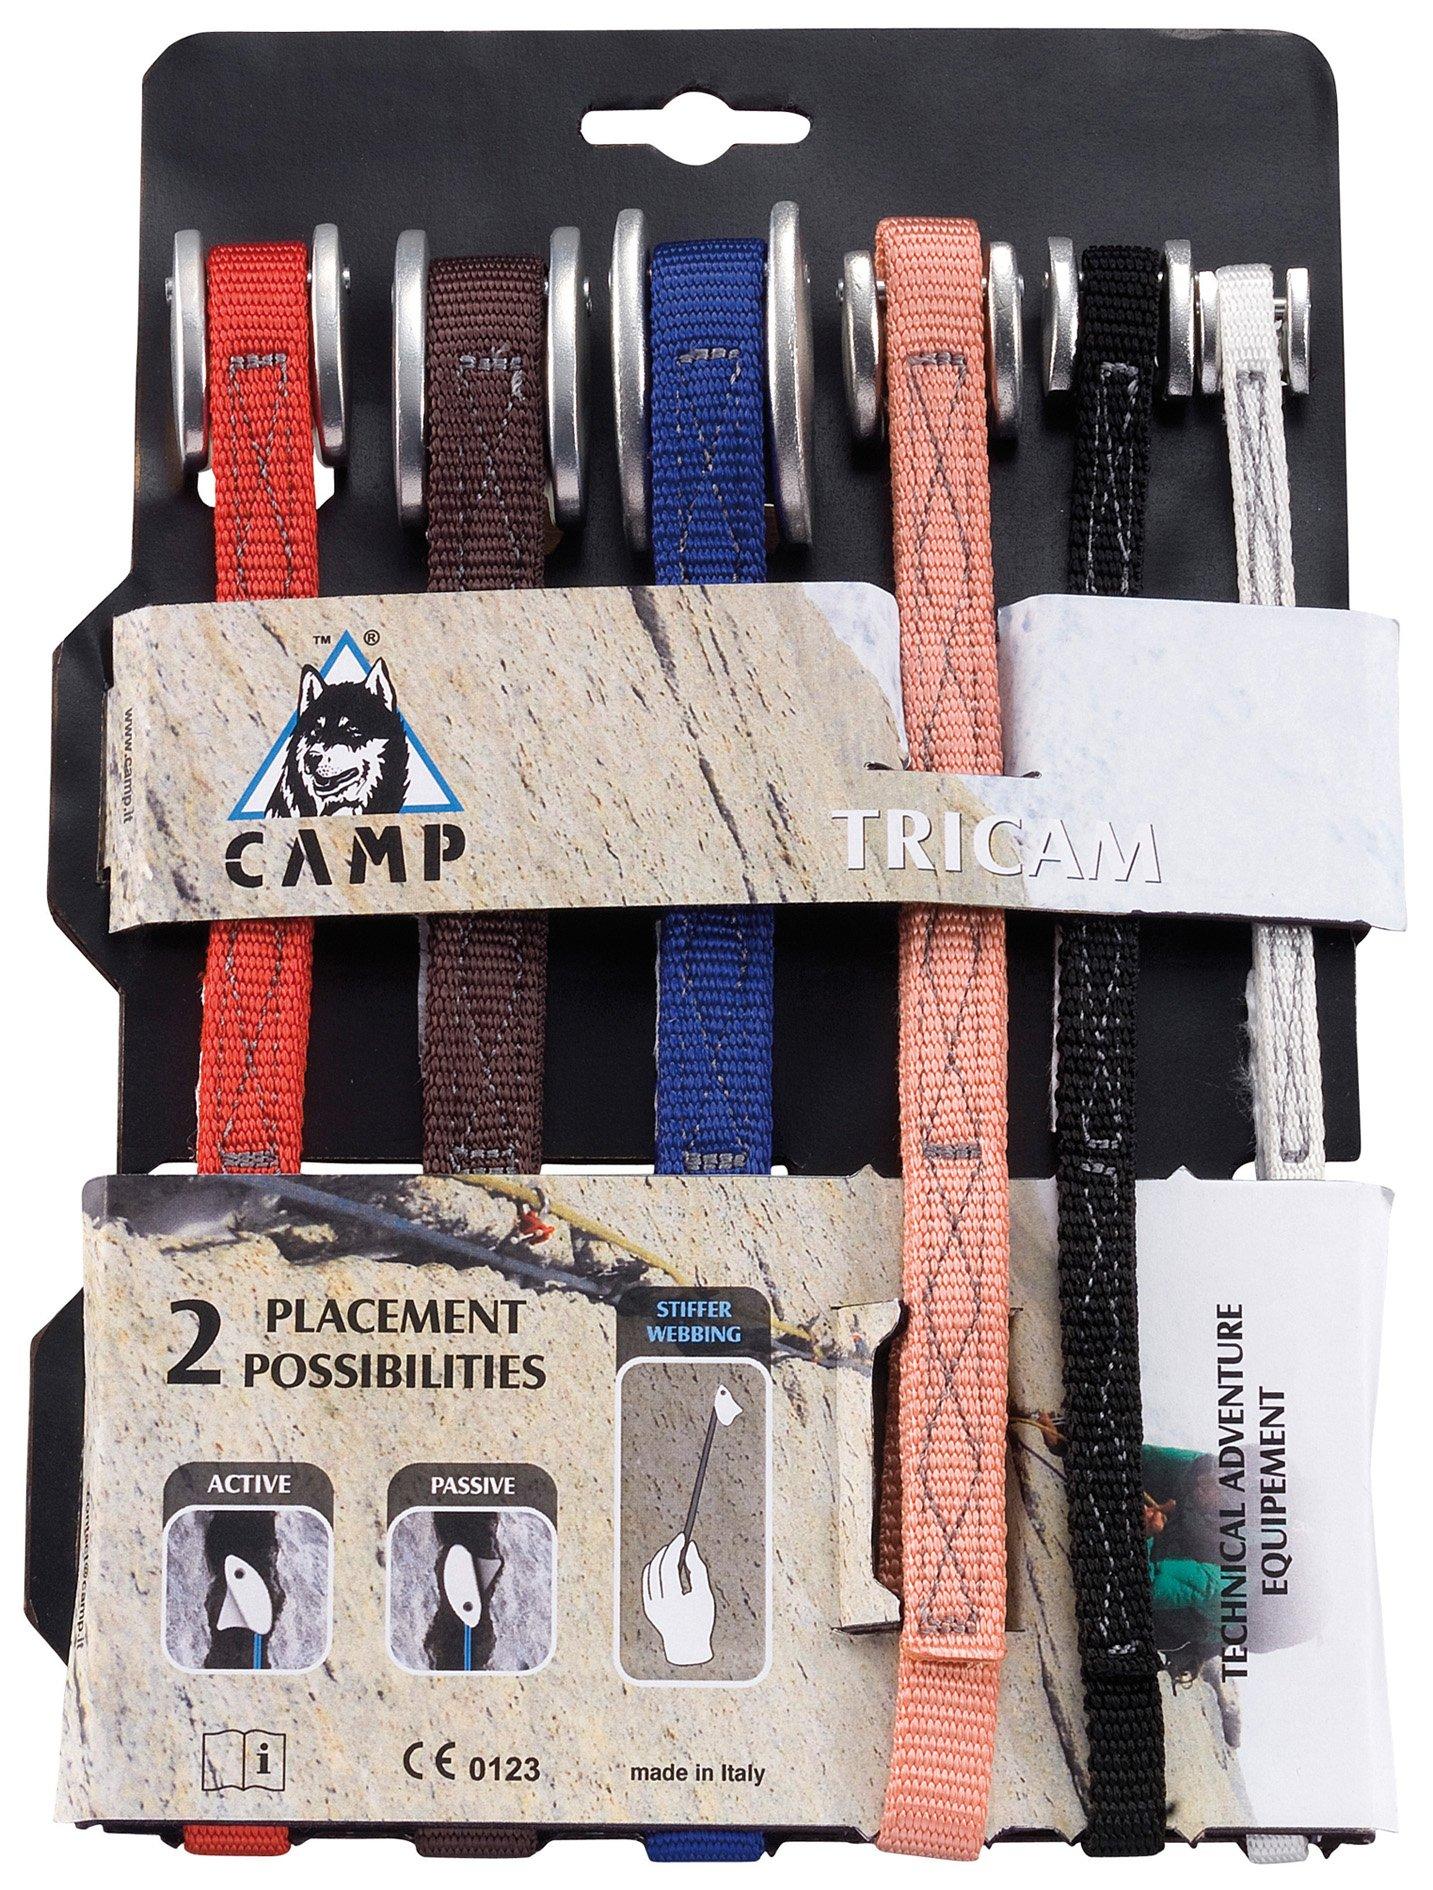 CAMP Tricam Set 0.125-2.0